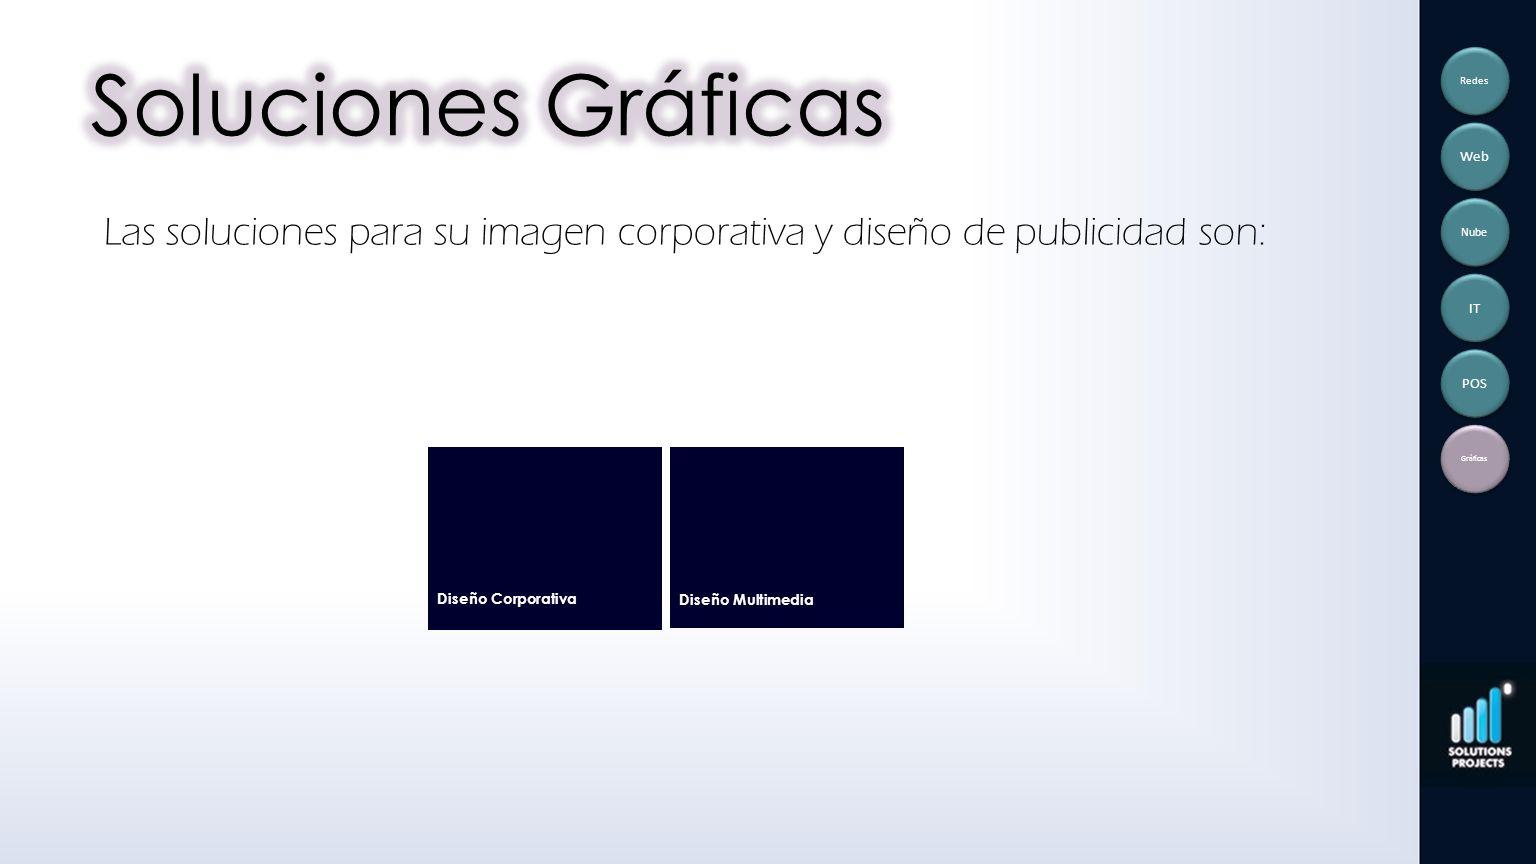 Las soluciones para su imagen corporativa y diseño de publicidad son: Diseño Corporativa Diseño Multimedia Redes Web Nube IT POS Gráficas